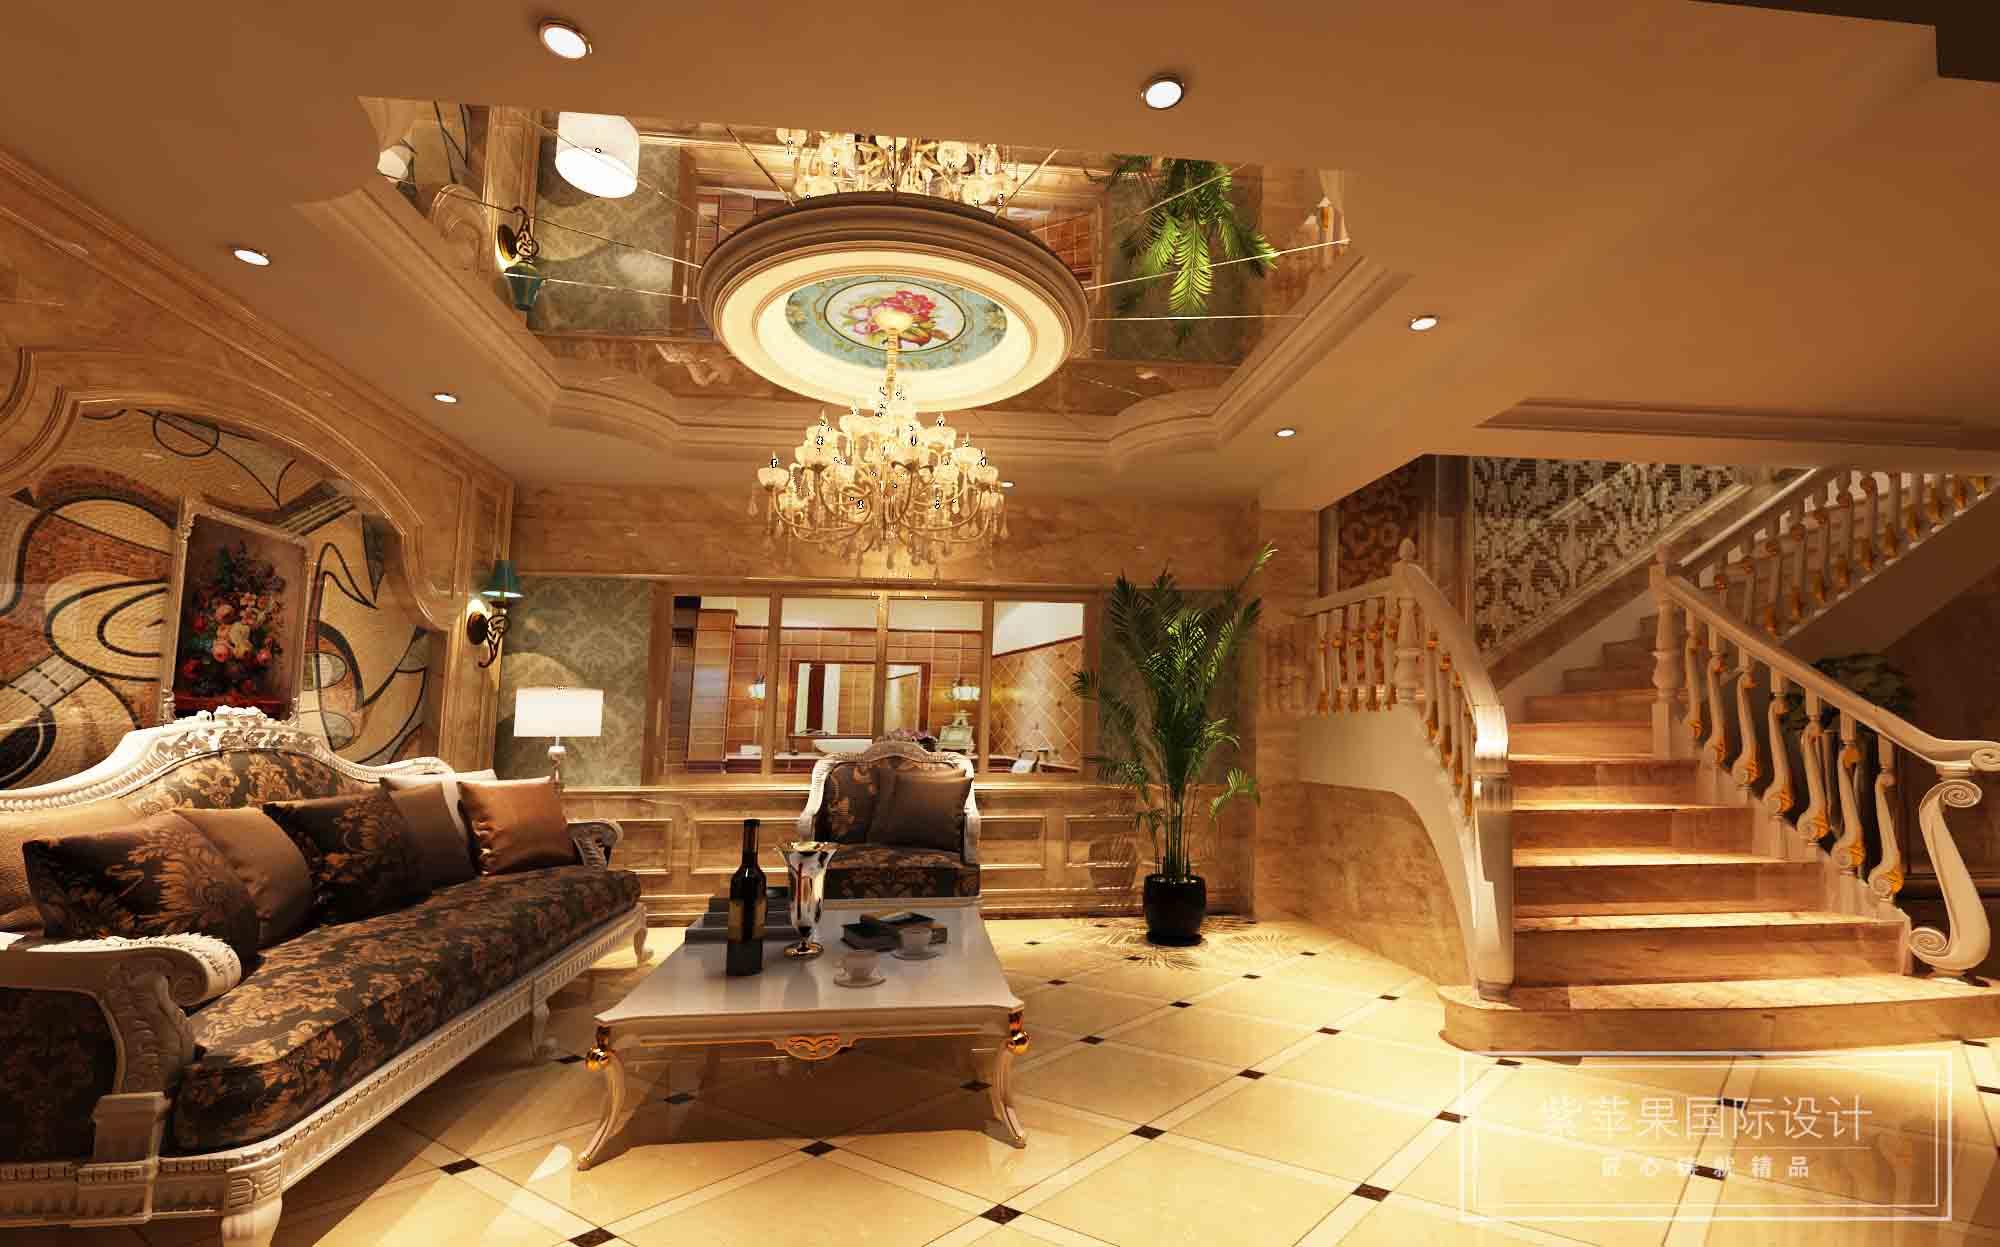 800平别墅装修电影地下室装修效果图案例还别墅惊魂生无人之图片